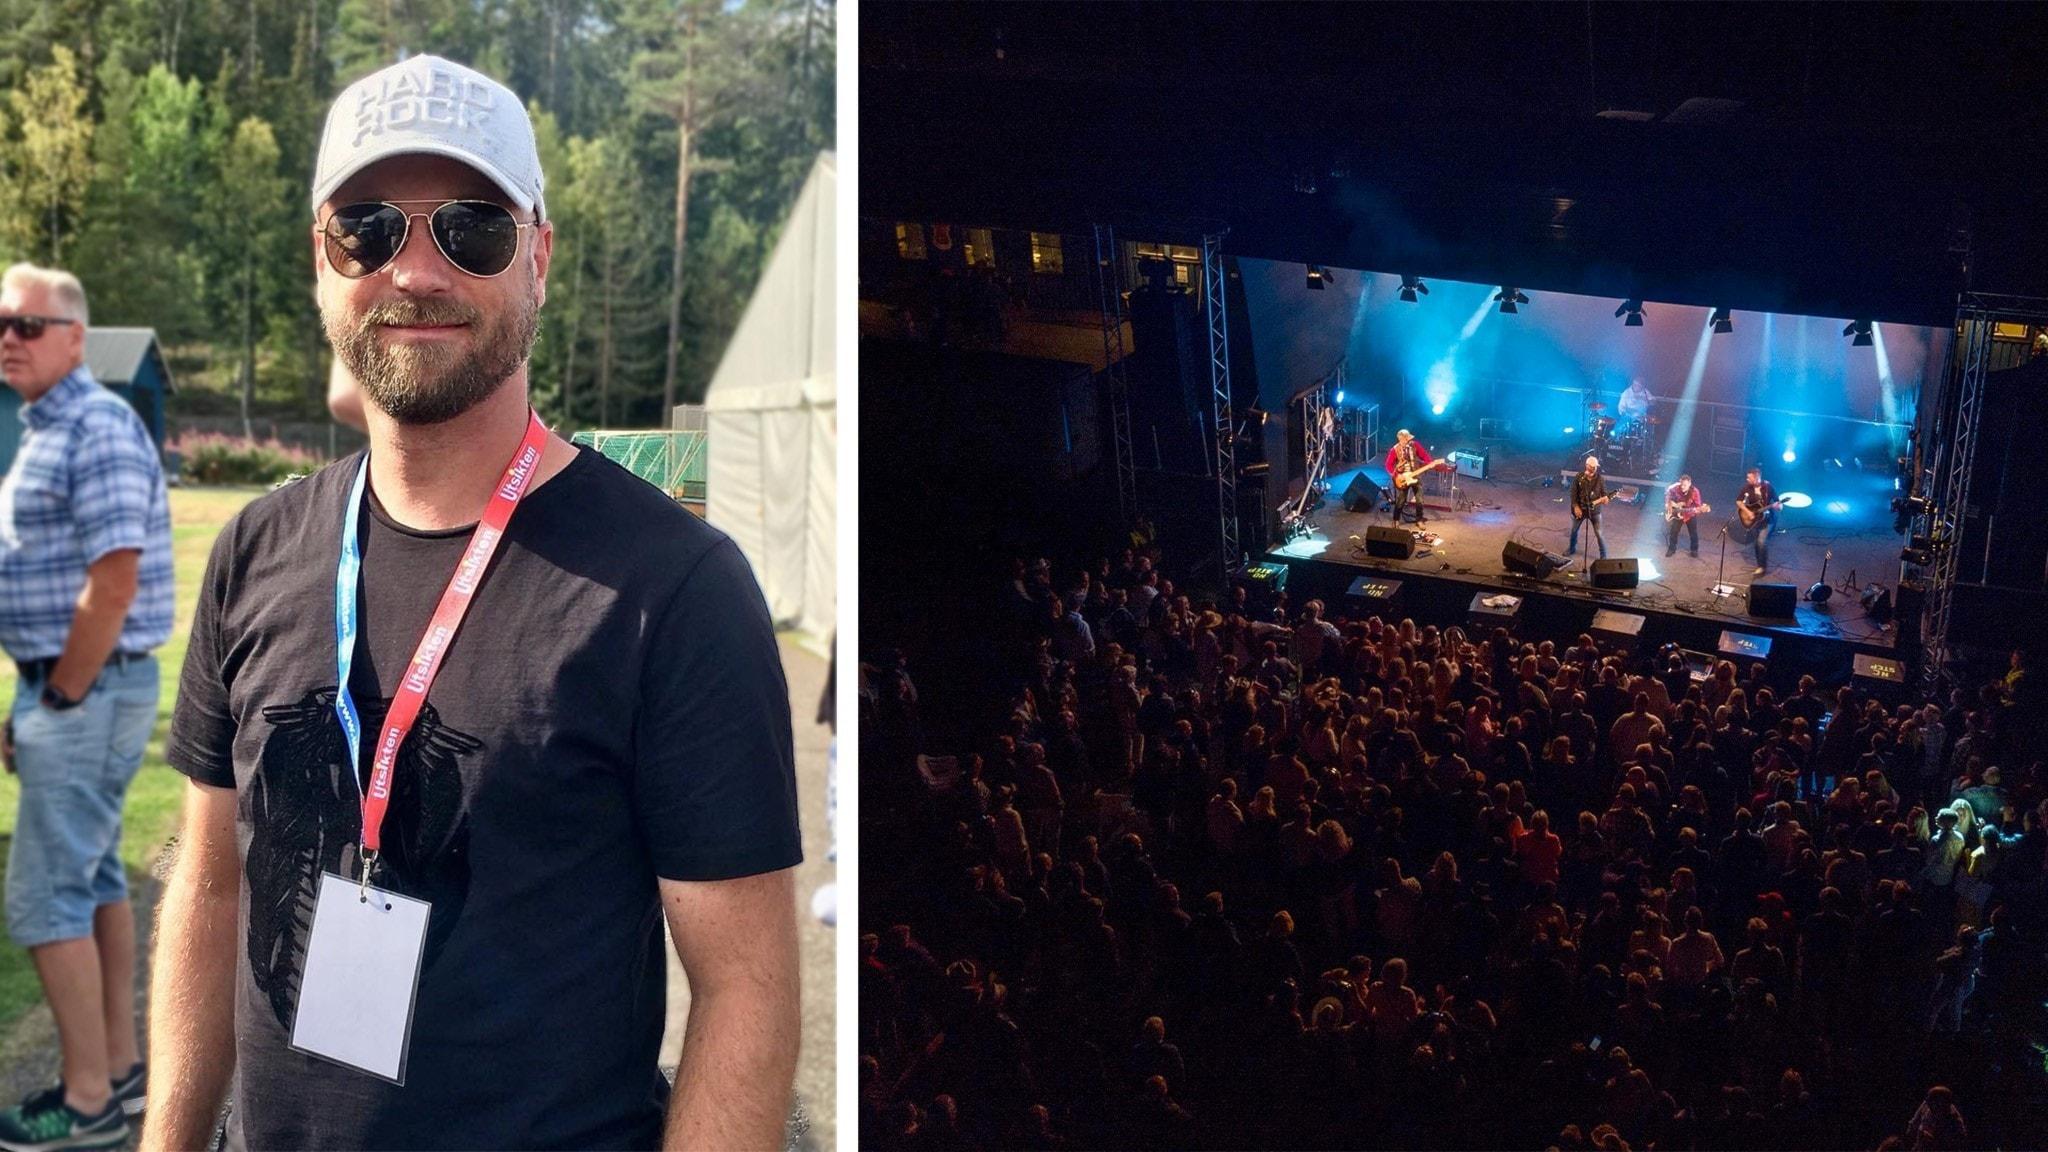 En man på en festival. Han har keps och solglasögon på sig. Till höger en kvällsbild ovanifrån en festival med publik och ett band som spelar på scenen.